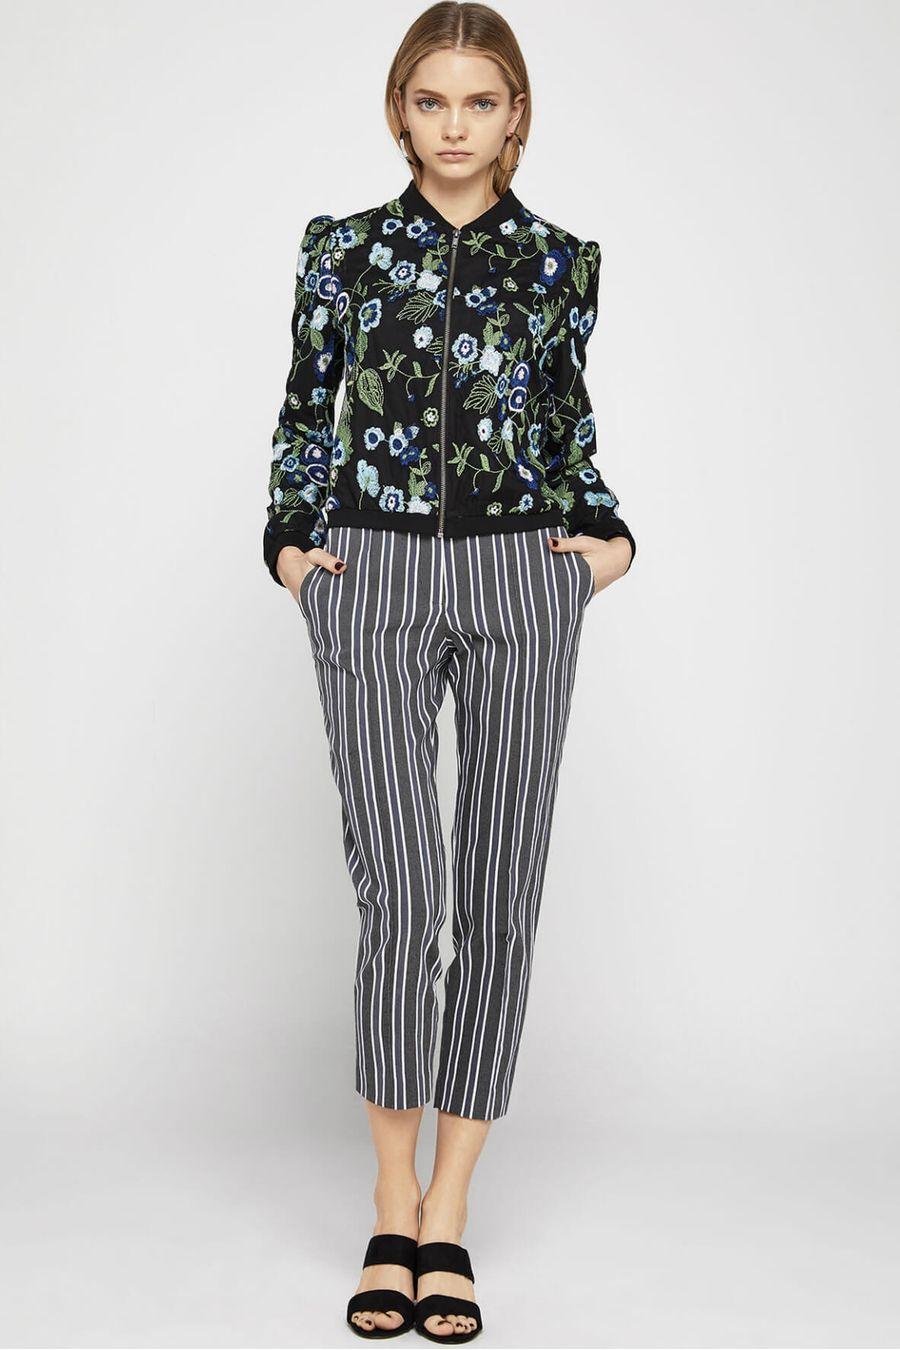 bcbgeneration-floral-embroidered-bomber-jacket-3 (1)